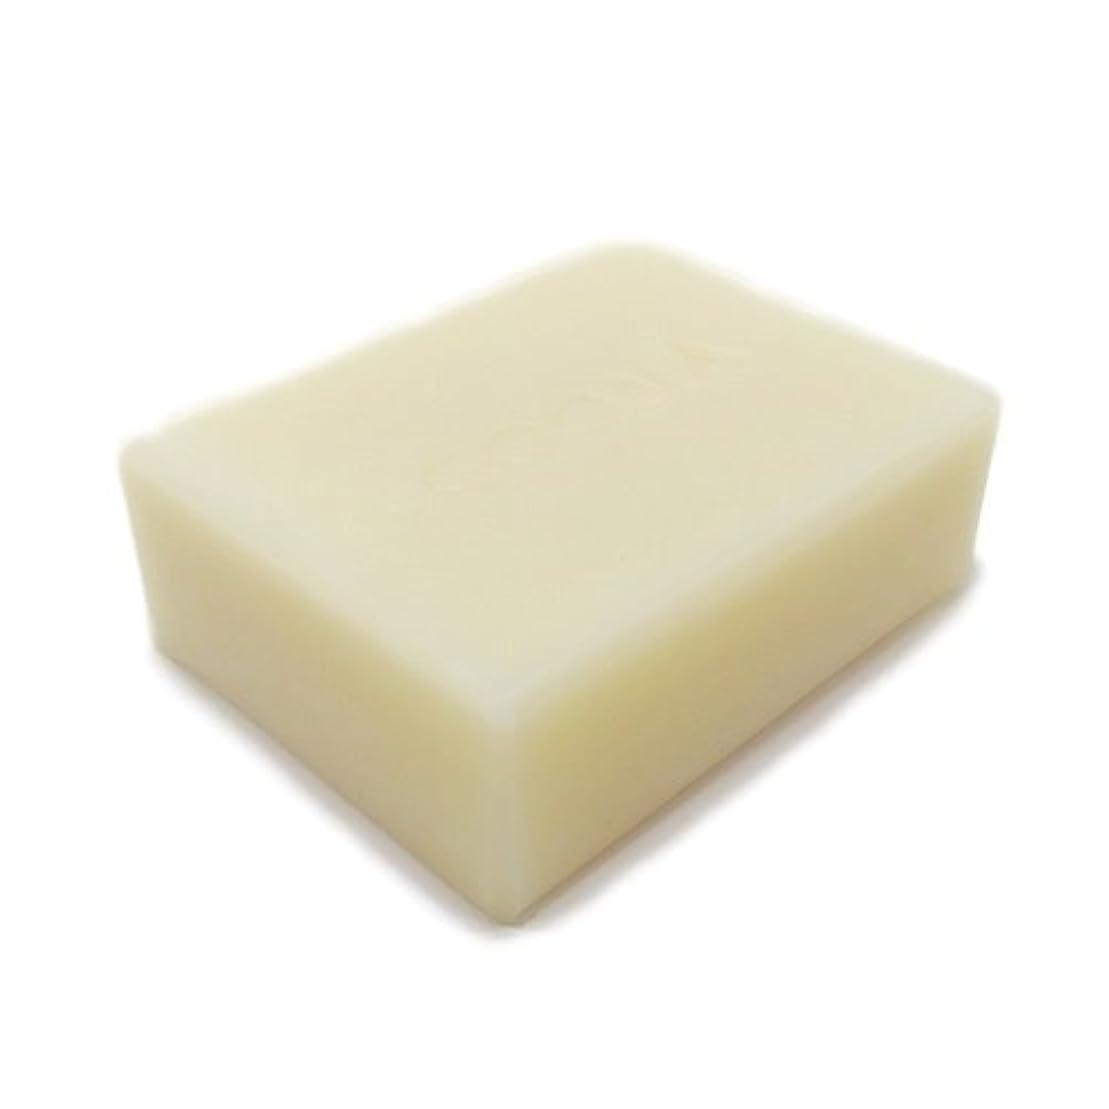 死傷者ディプロマ少ない浴用石鹸 COONA和の香り石けん ひのき (天然素材 自然派 コールドプロセス 手作り せっけん) 80g